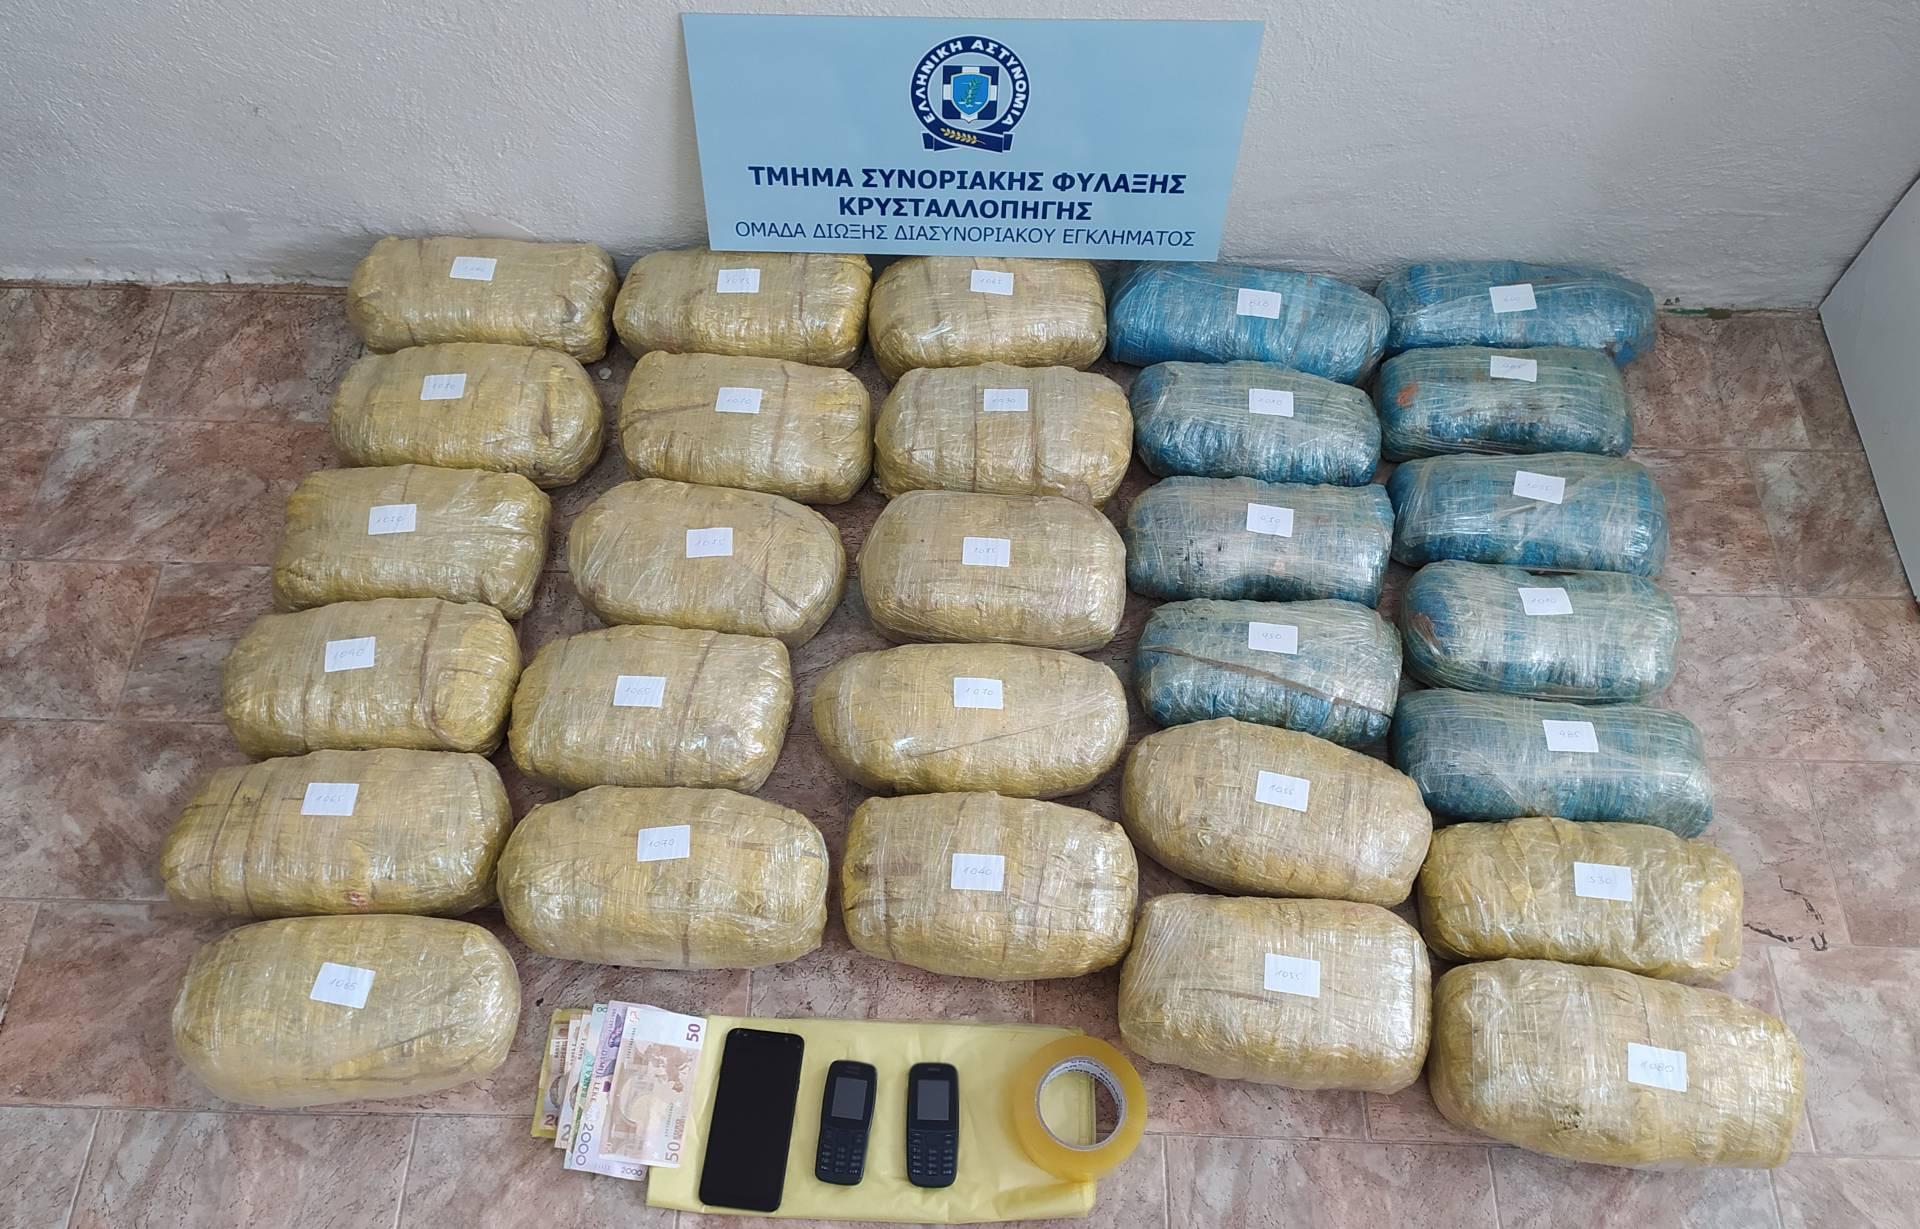 Συνελήφθησαν 3 αλλοδαποί σε ορεινή περιοχή της Φλώρινας, για εισαγωγή και μεταφορά 29 κιλών και 110 γραμμαρίων ακατέργαστης κάνναβης